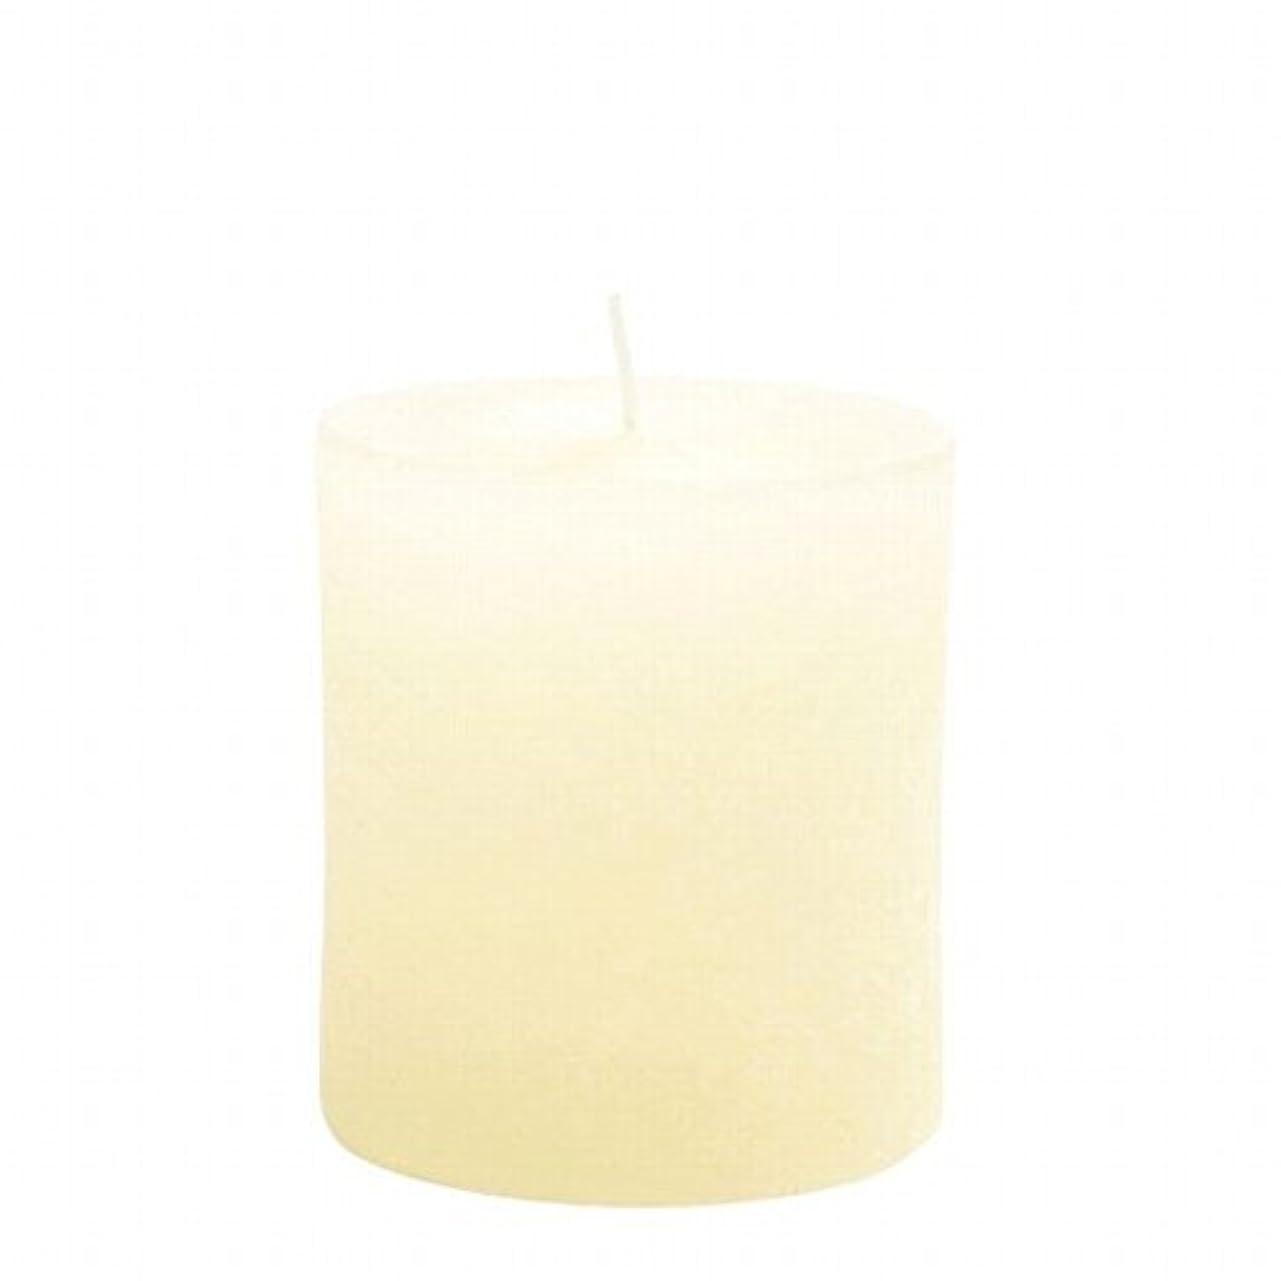 ガレージ体操アウターカメヤマキャンドル( kameyama candle ) ラスティクピラー70×75 「 アイボリー 」